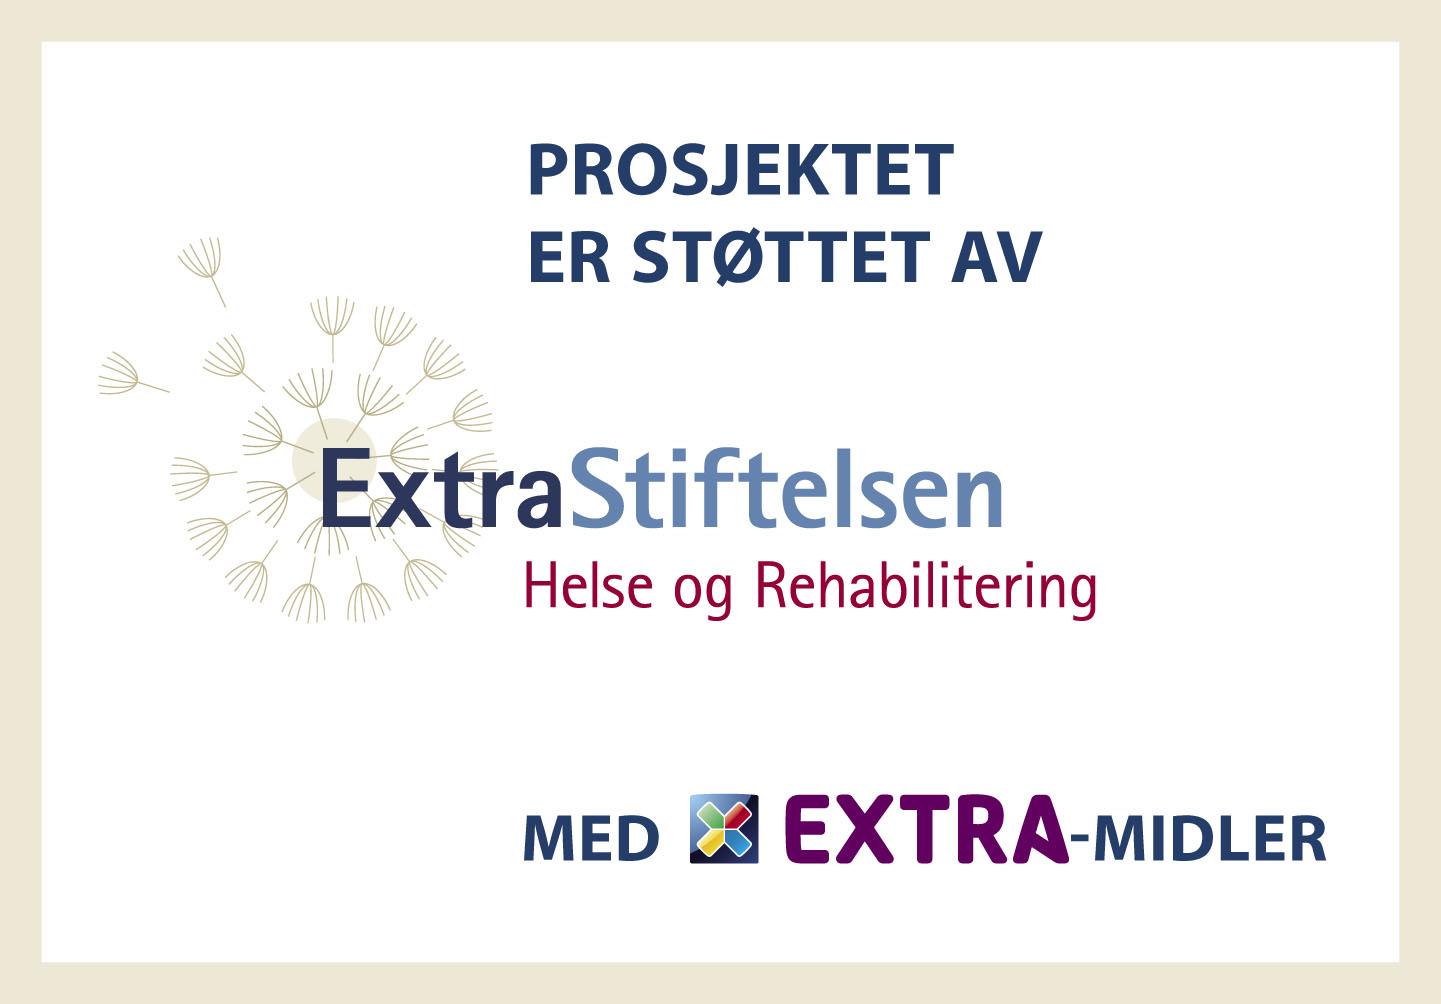 HELT MED-modellen - er utviklet med støtte fra ExtraStiftelsen, det er også jobbskapingen i Trøndelag.